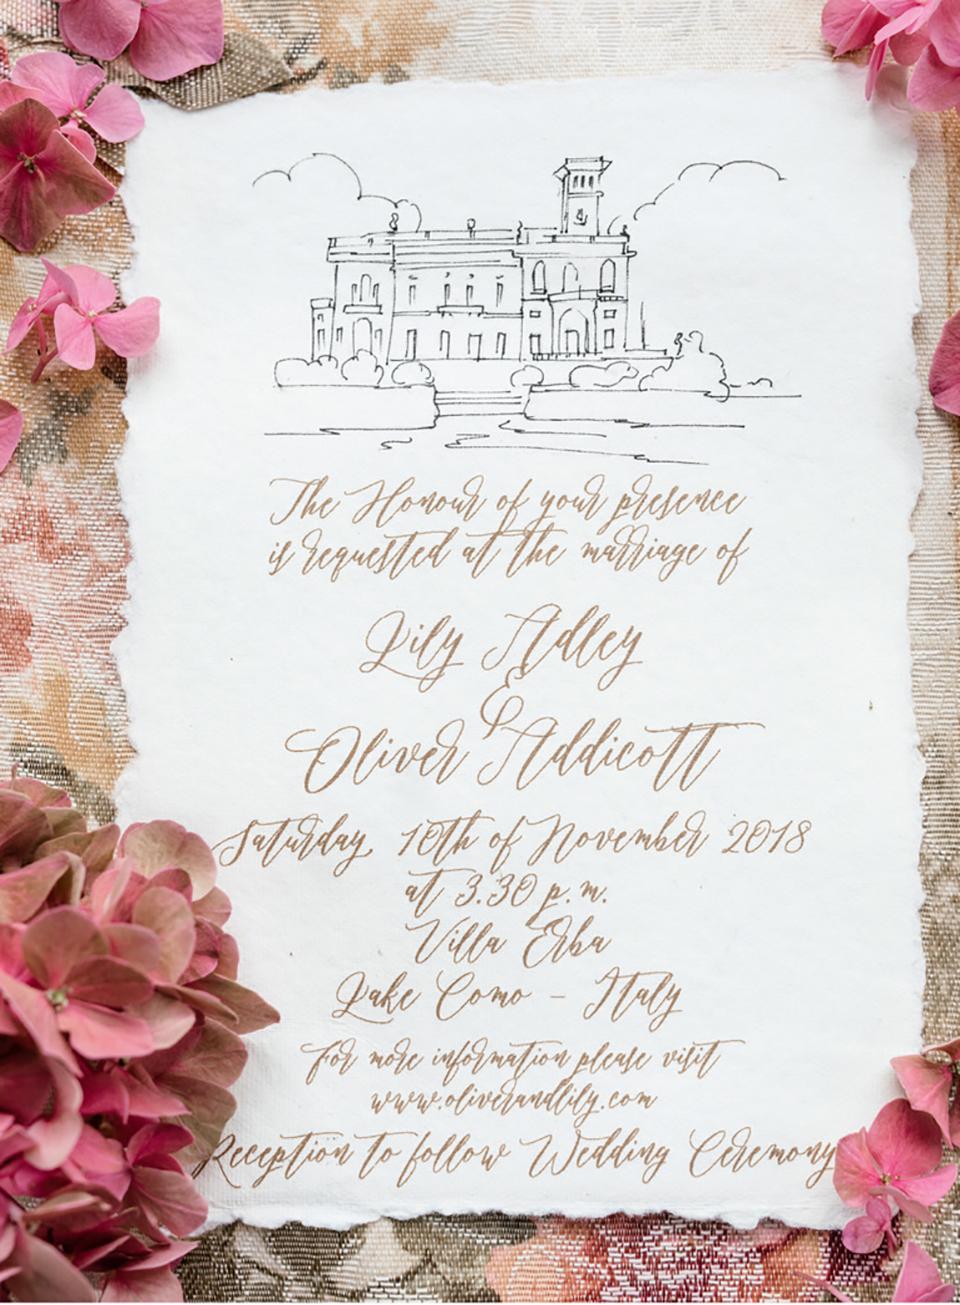 Πολυτελές και Ρομαντικό Προσκλητήριο Γάμου